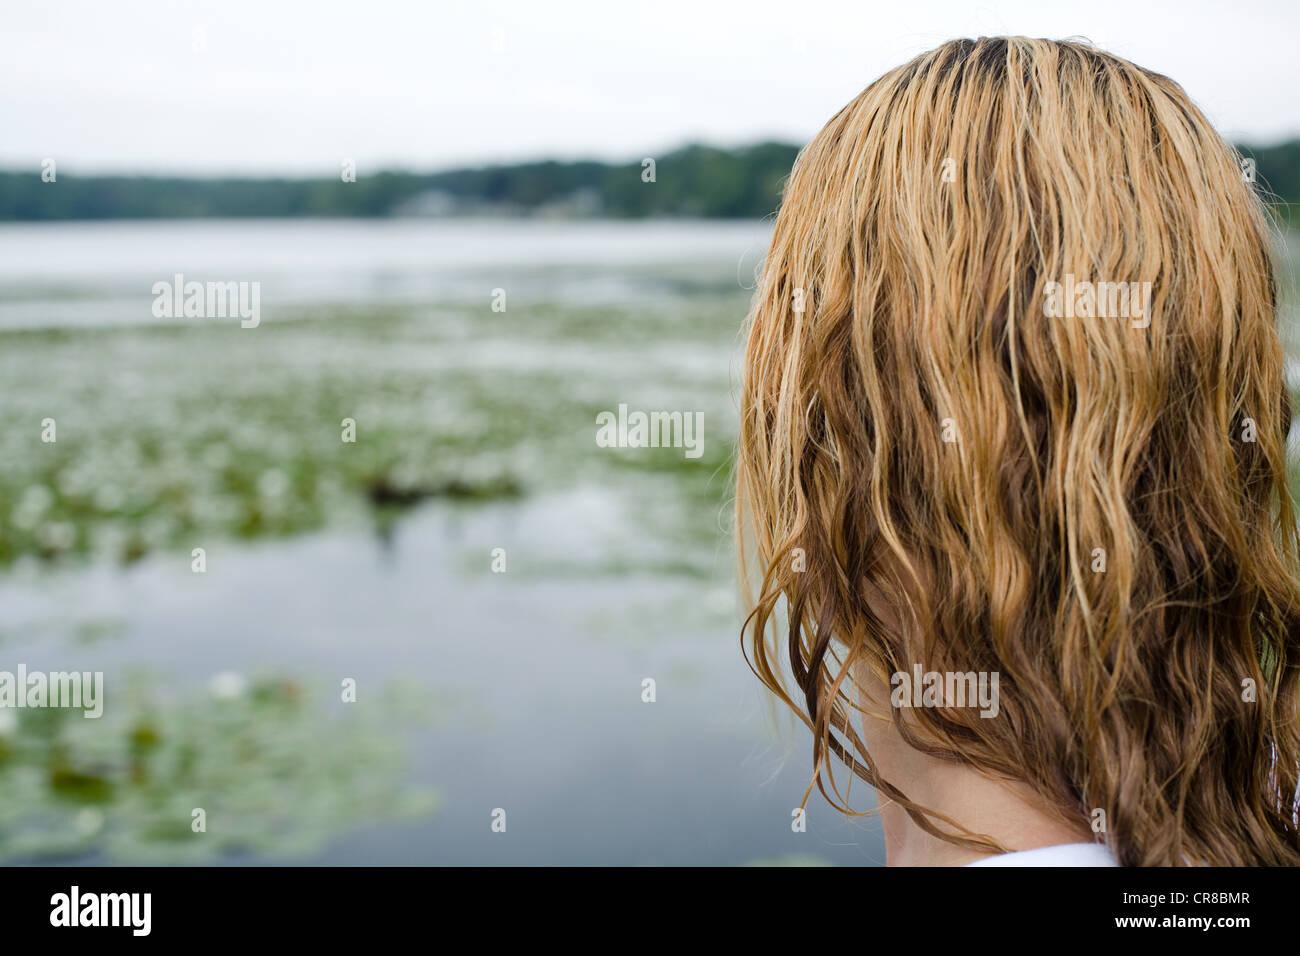 Frau am Rande des Sees mit nassen Haaren Stockbild